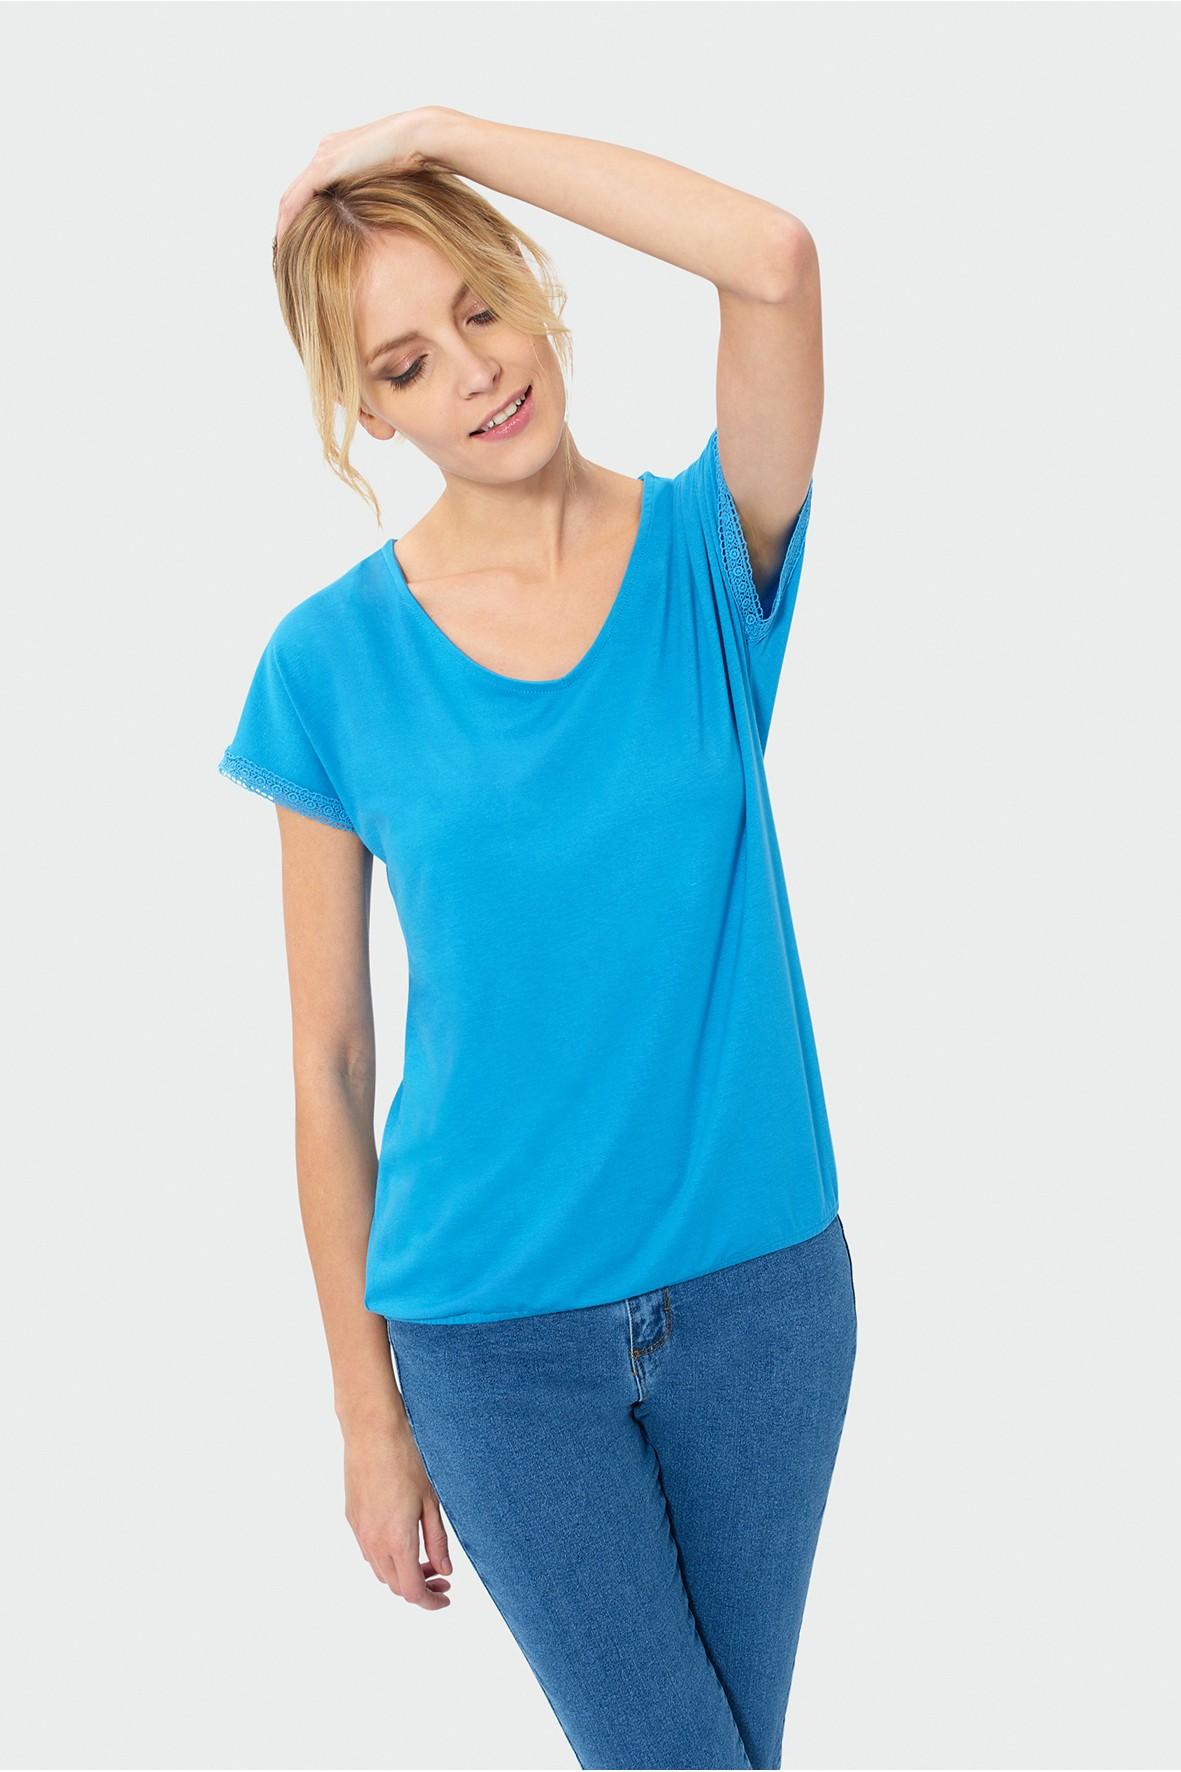 Niebieski top damski z ozdobną koronką na rękawach